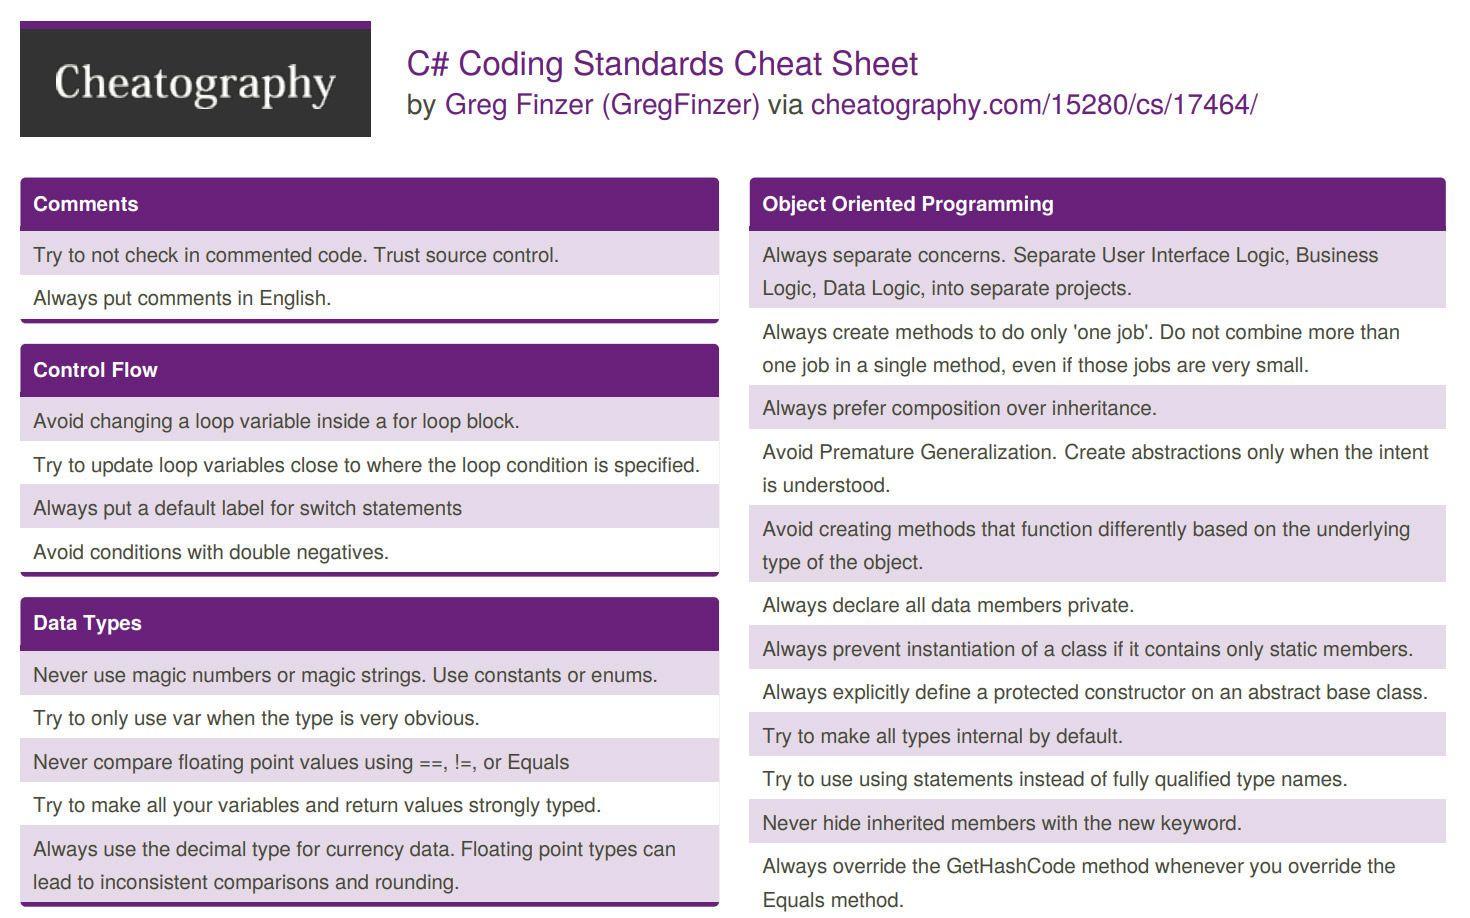 20 Cheatsheets & Infographics For Software Developers   Hongkiat ...